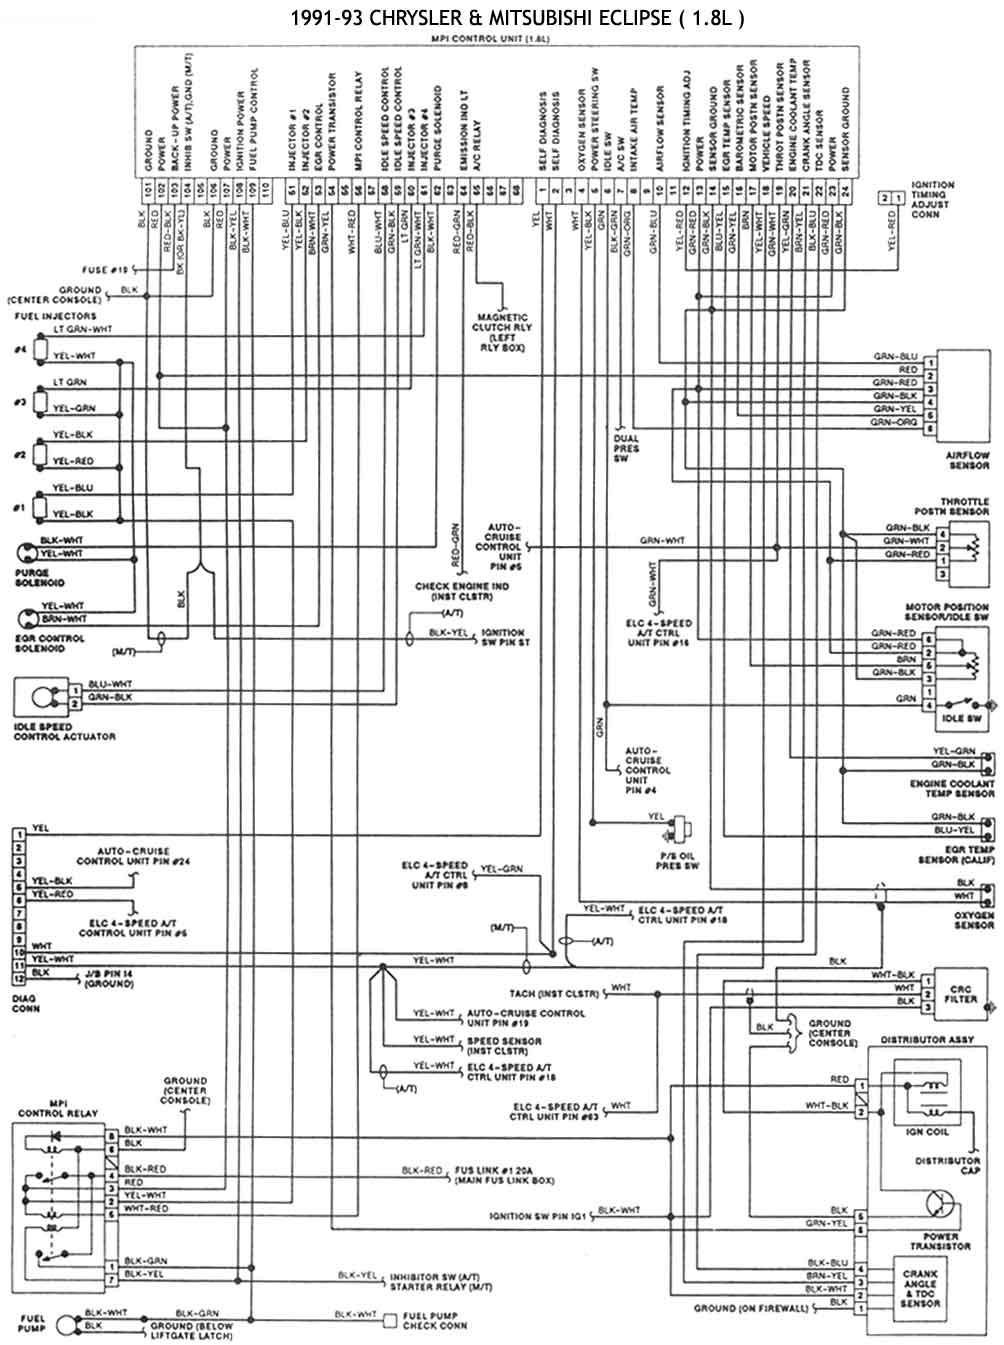 2011 mitsubishi eclipse diagrama de cableado